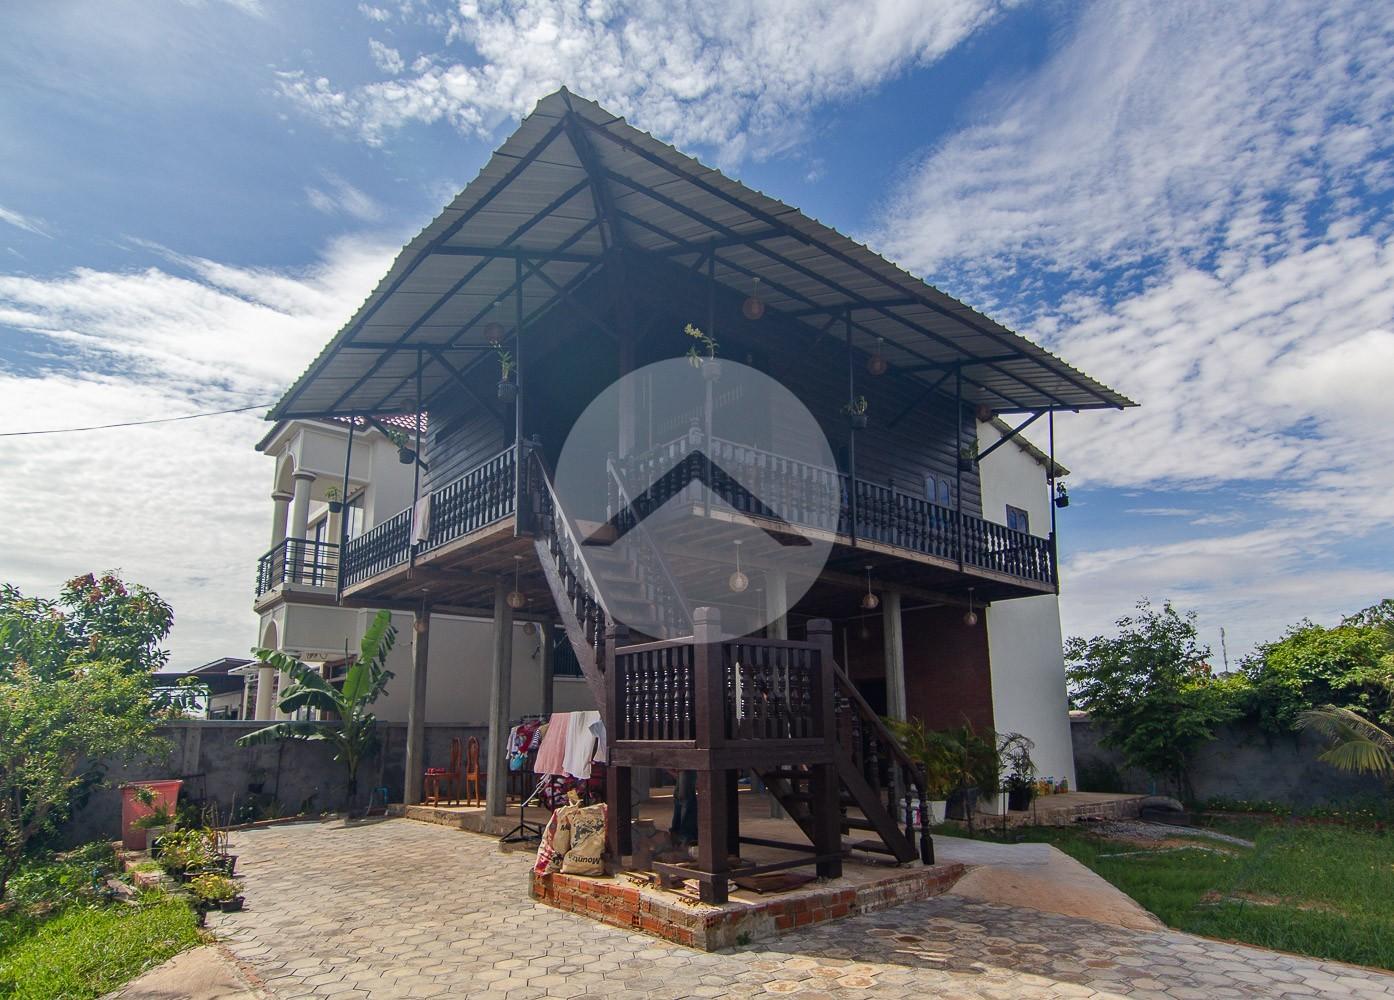 3 Bedroom Wooden House For Rent - Chreav, Siem Reap